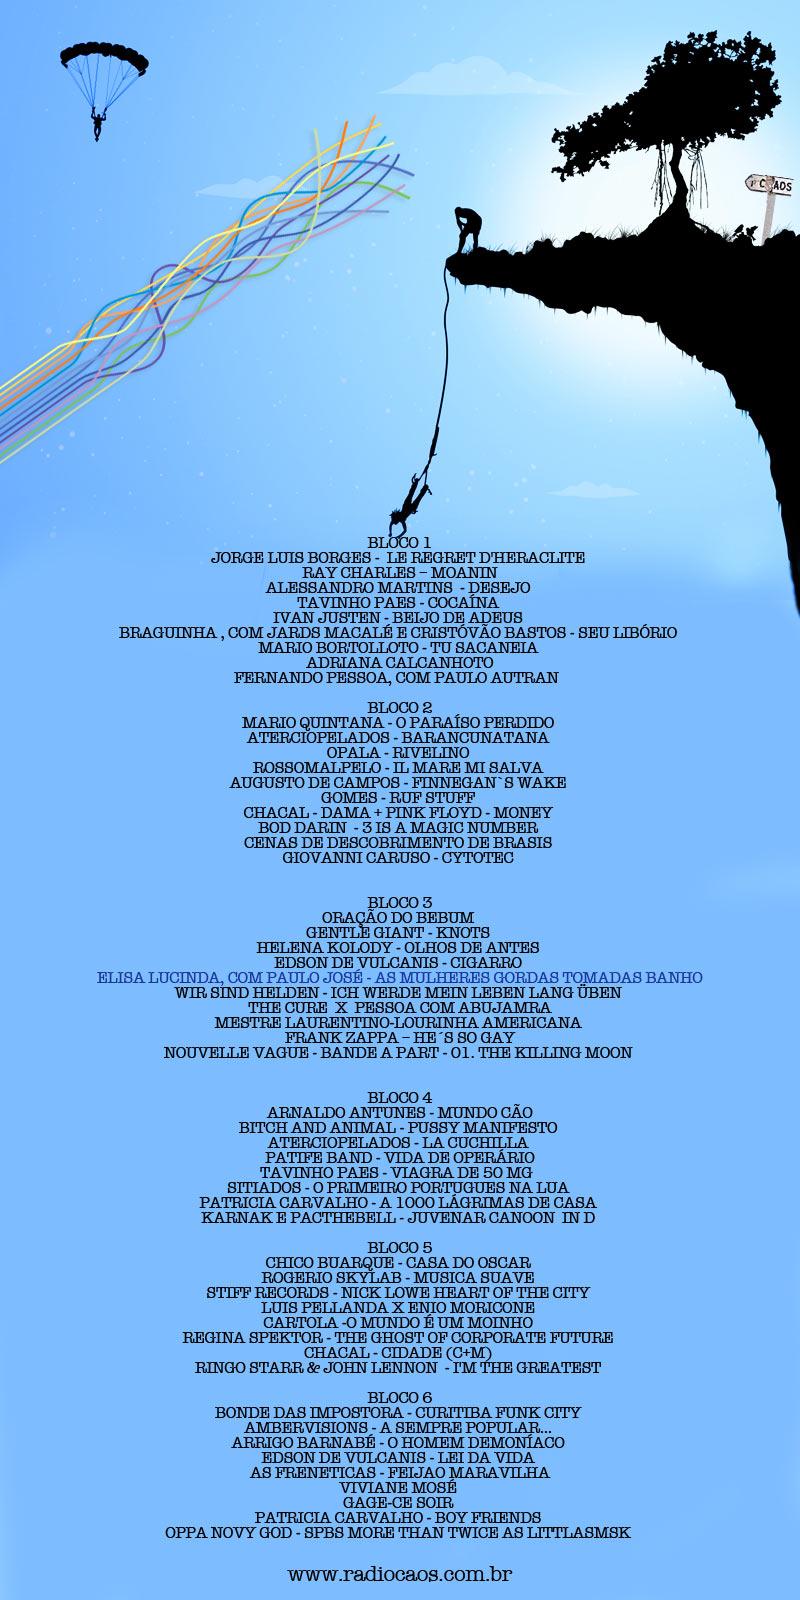 MAILCAOS-21-10-2011